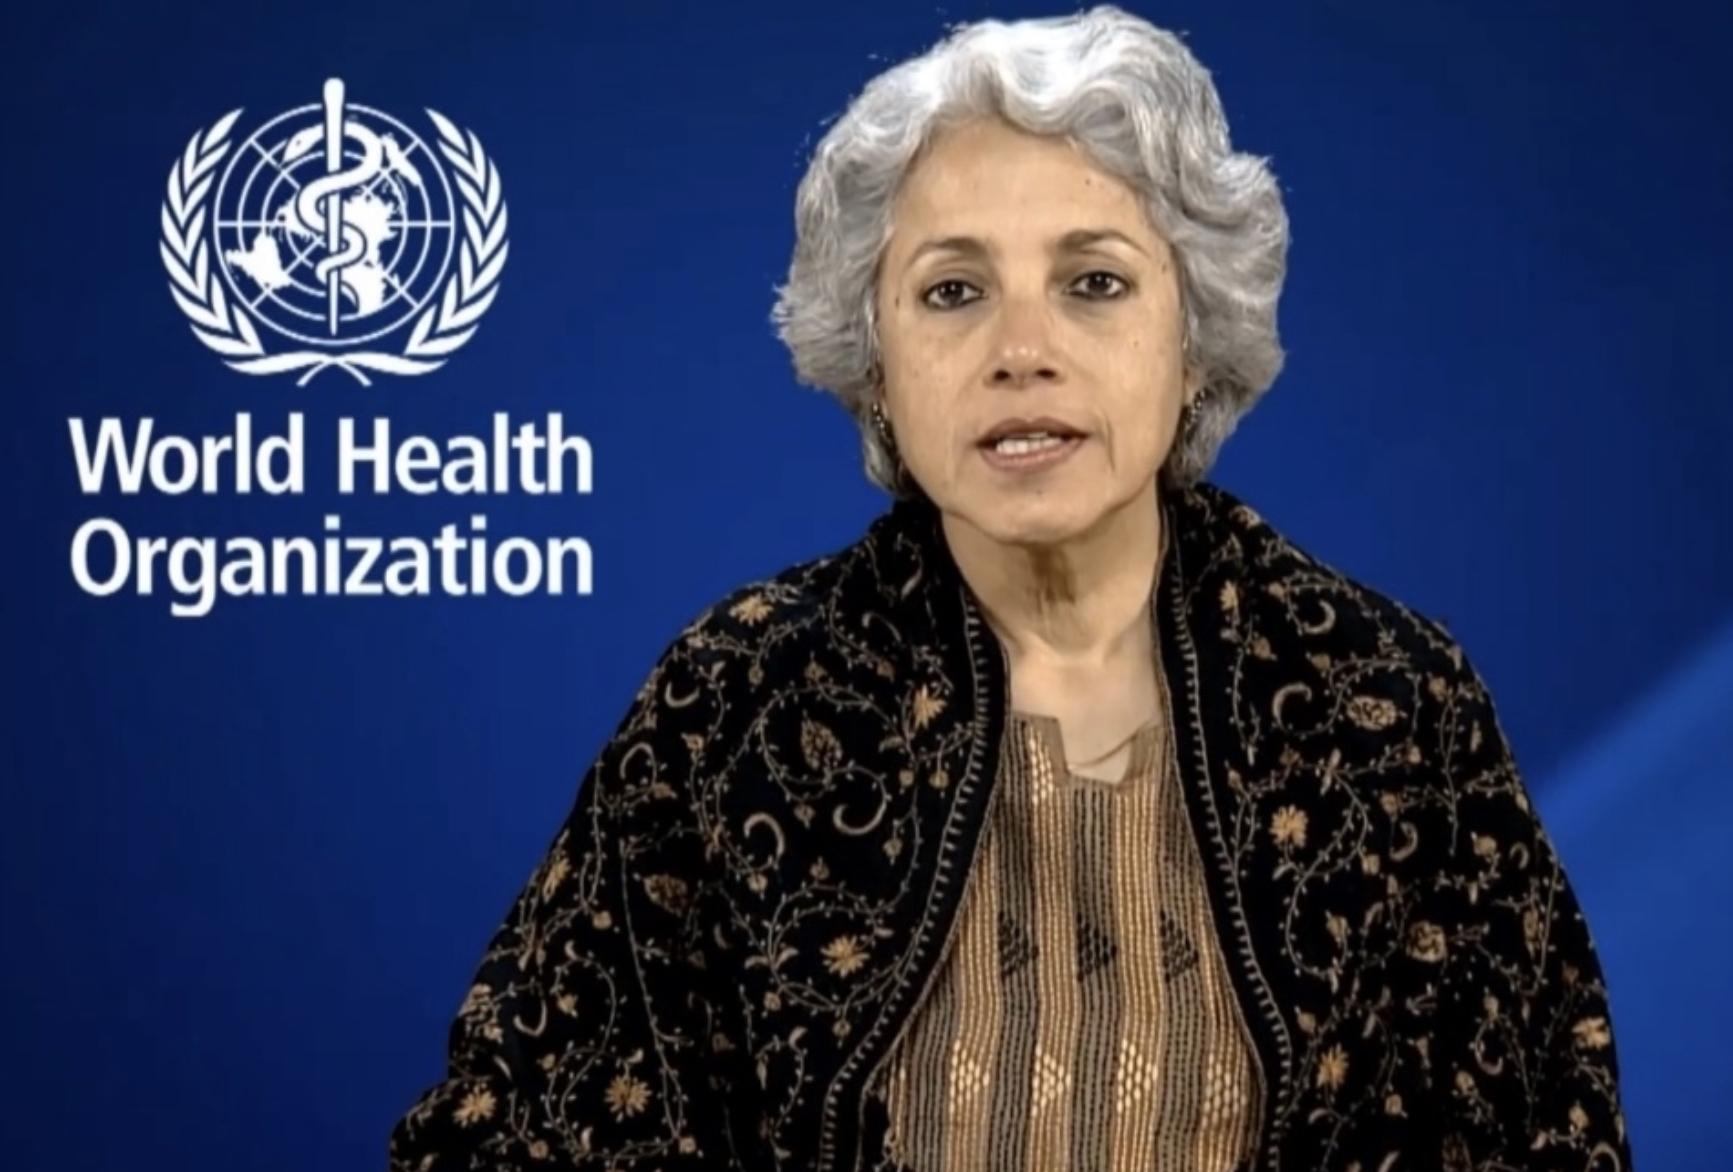 « Les personnes souffrant d'obésité et d'habitudes de tabagisme sont plus à risque de développer des complications, et même de mourir si elles sont infectées par le Covid-19 », a déclaré le Dr Soumya Swaminathan, scientifique en chef de l'Organisation mondiale de la Santé. Une déclaration franche faite lors du Forum mondial de la recherche et de l'innovation sur Covid-19 qui vient d'avoir lieu à Genève.